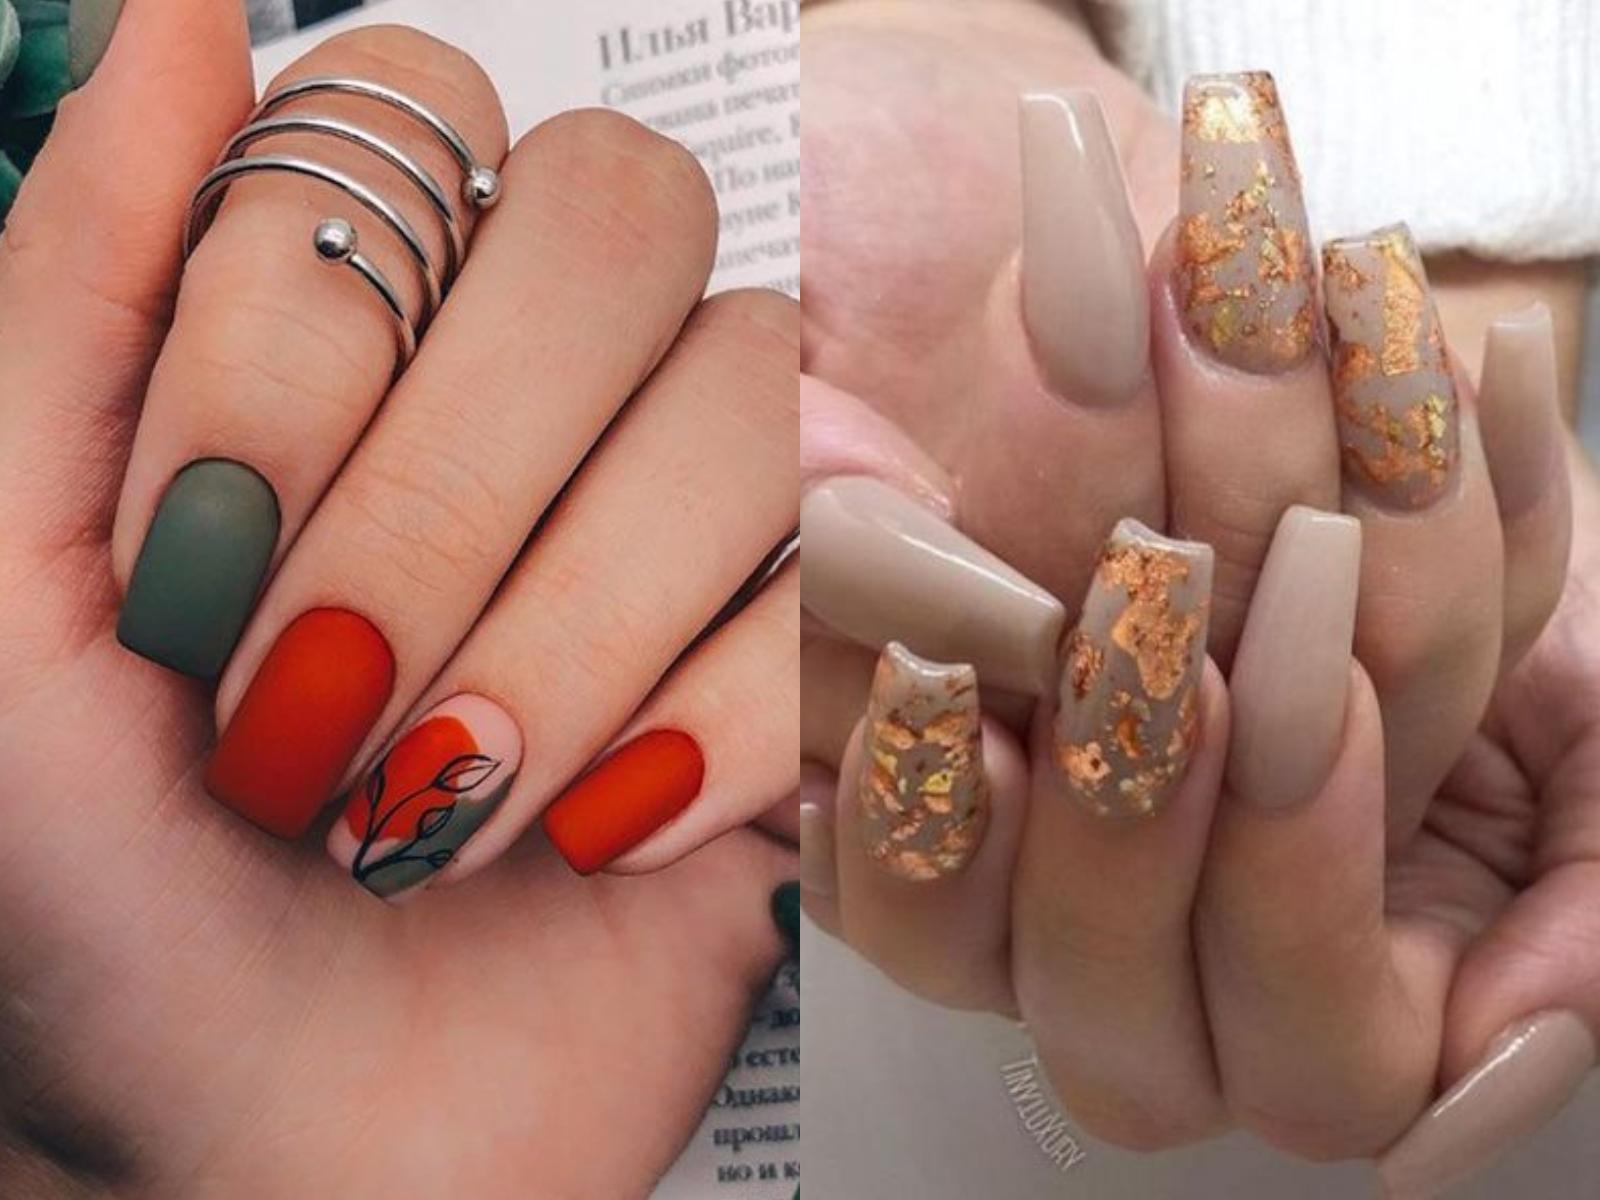 ιδέες-για-νύχια-τον-Οκτώβριο-μανικιούρ-